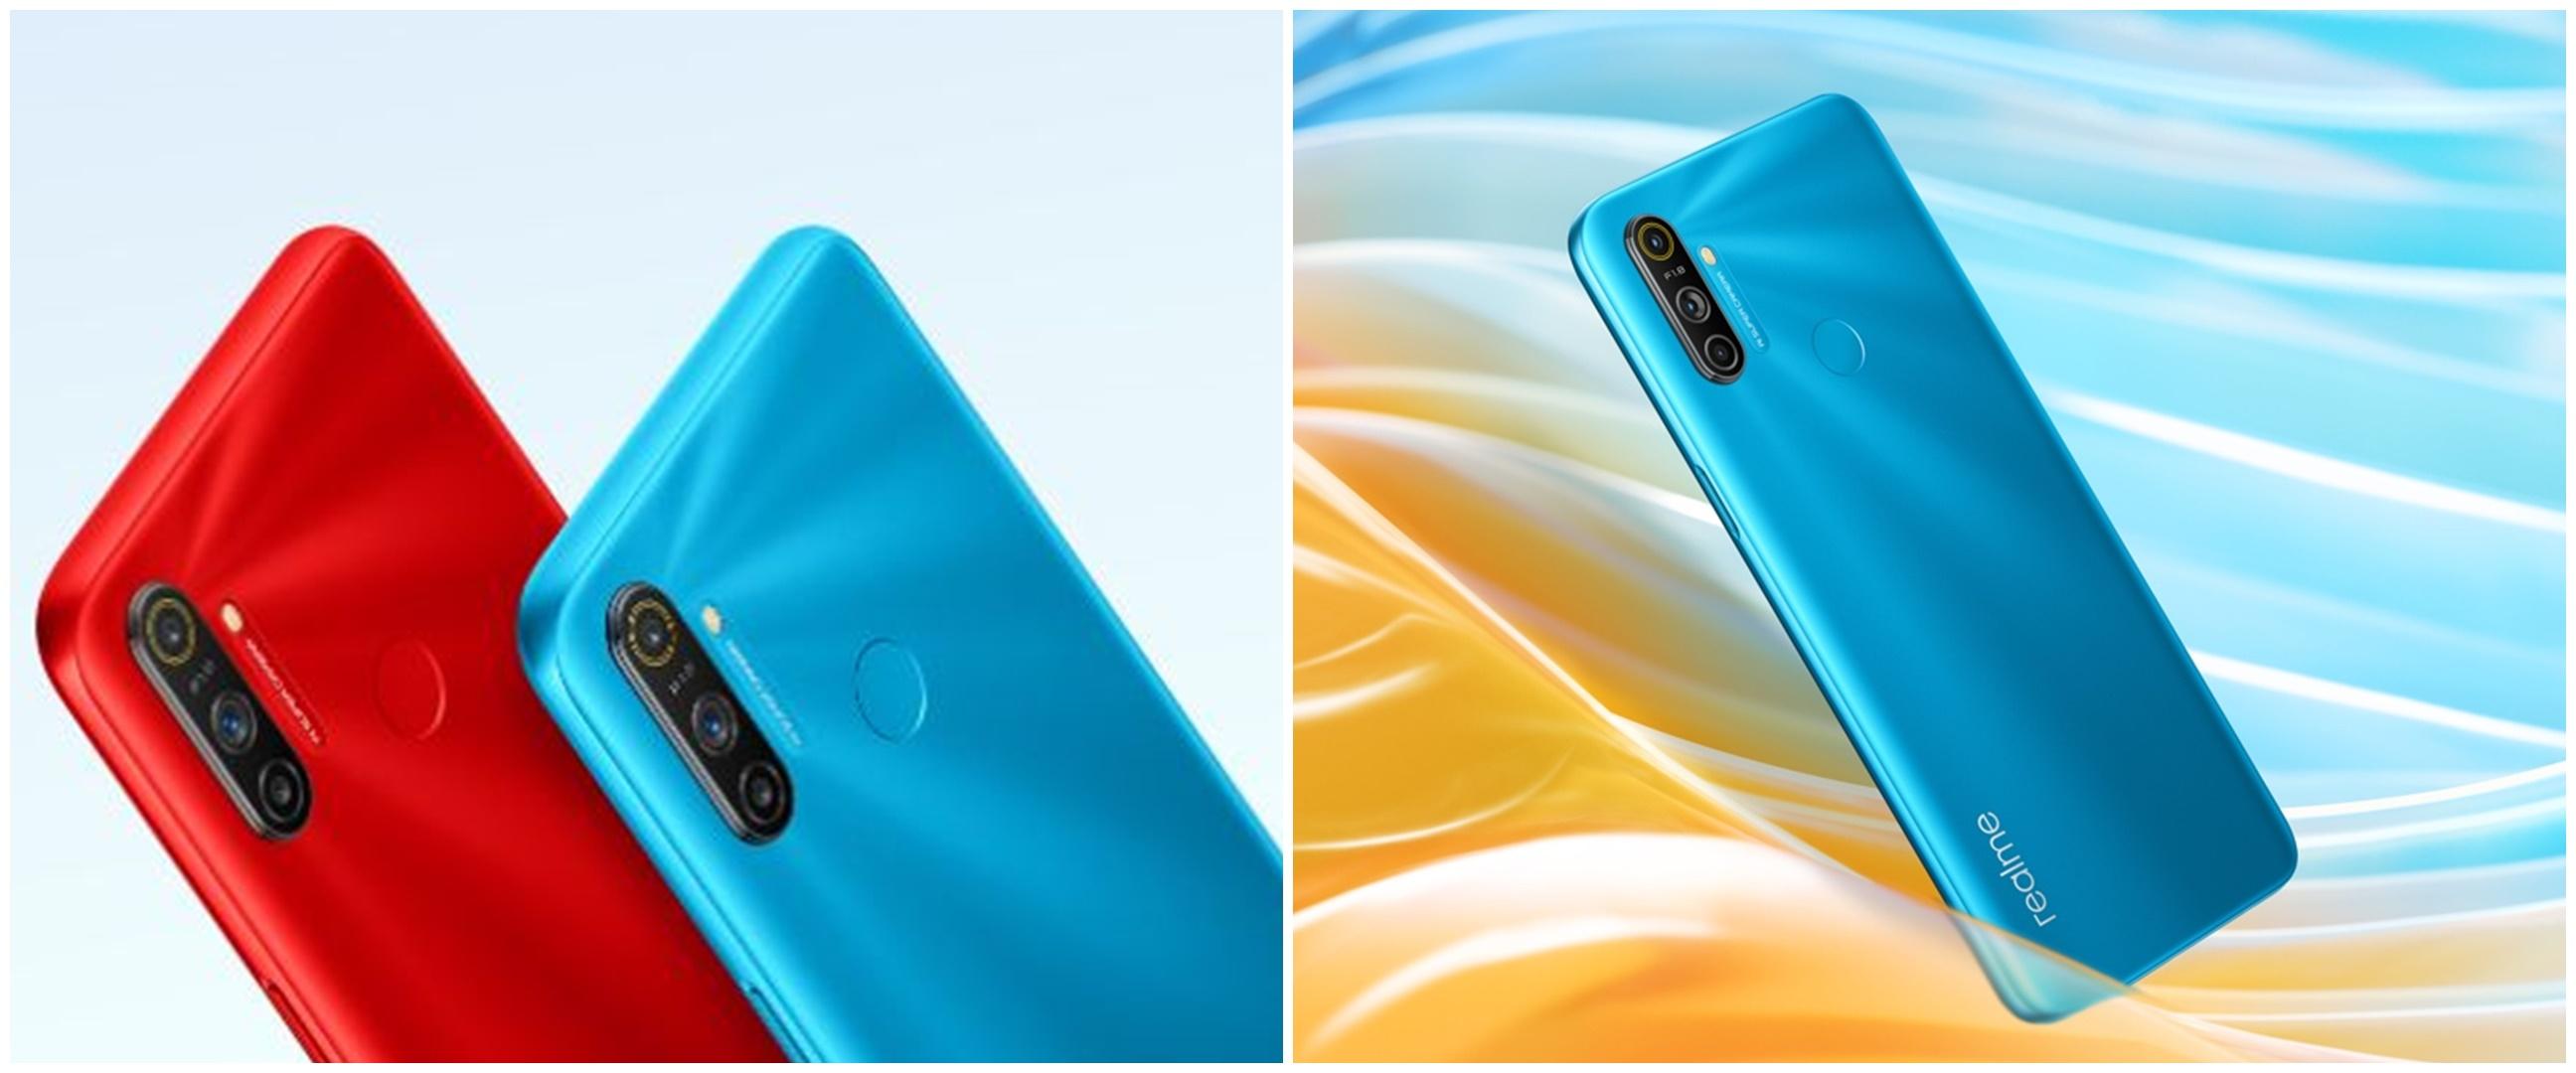 Harga HP Realme C3 beserta spesifikasi, kelebihan, dan kekurangan